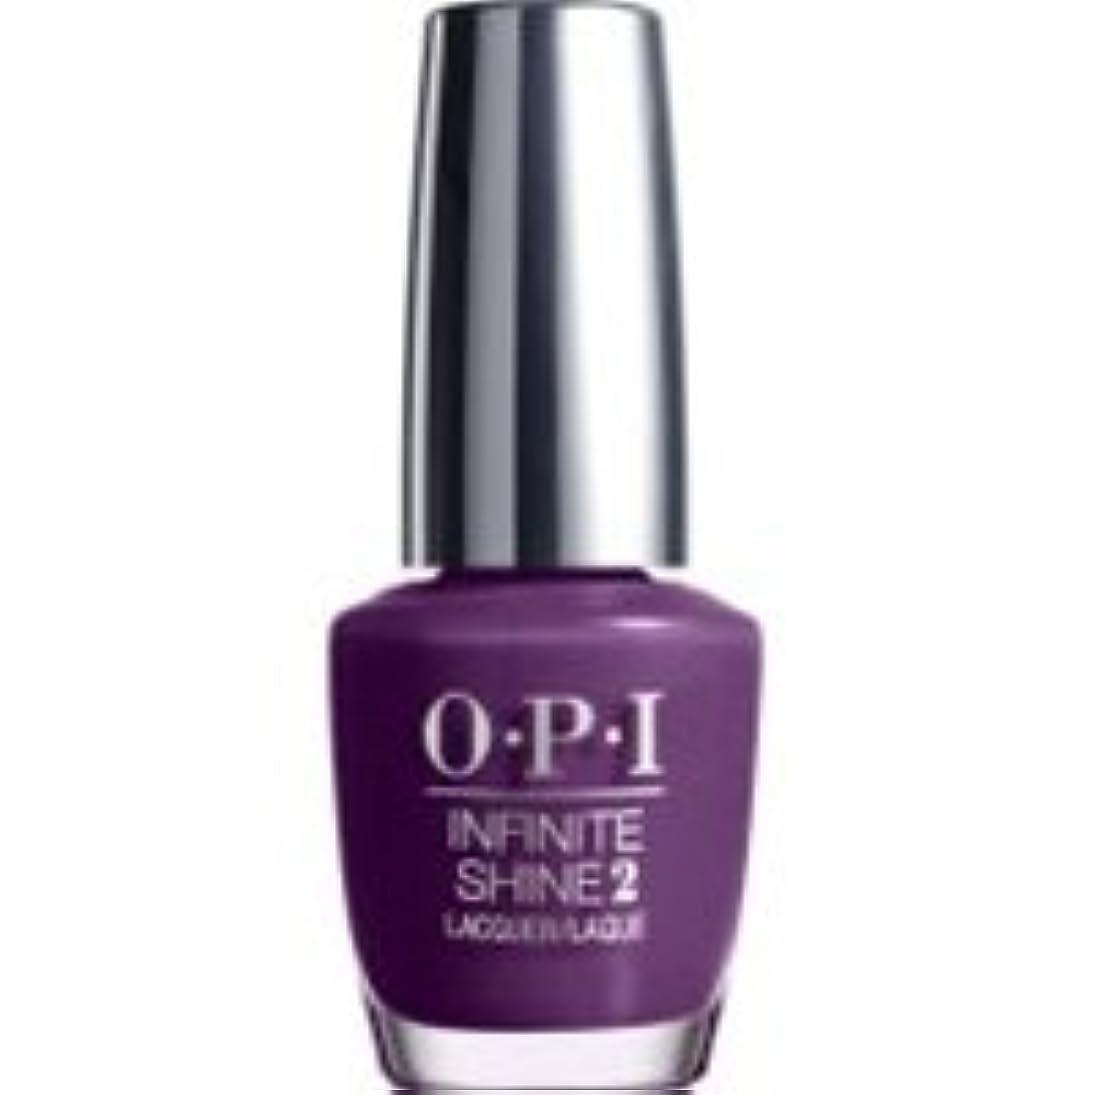 オーバーコートその後消防士O.P.I IS L52 Endless Purple Pursuit(エンドレスパープルパースート) #Endless Purple Pursuit